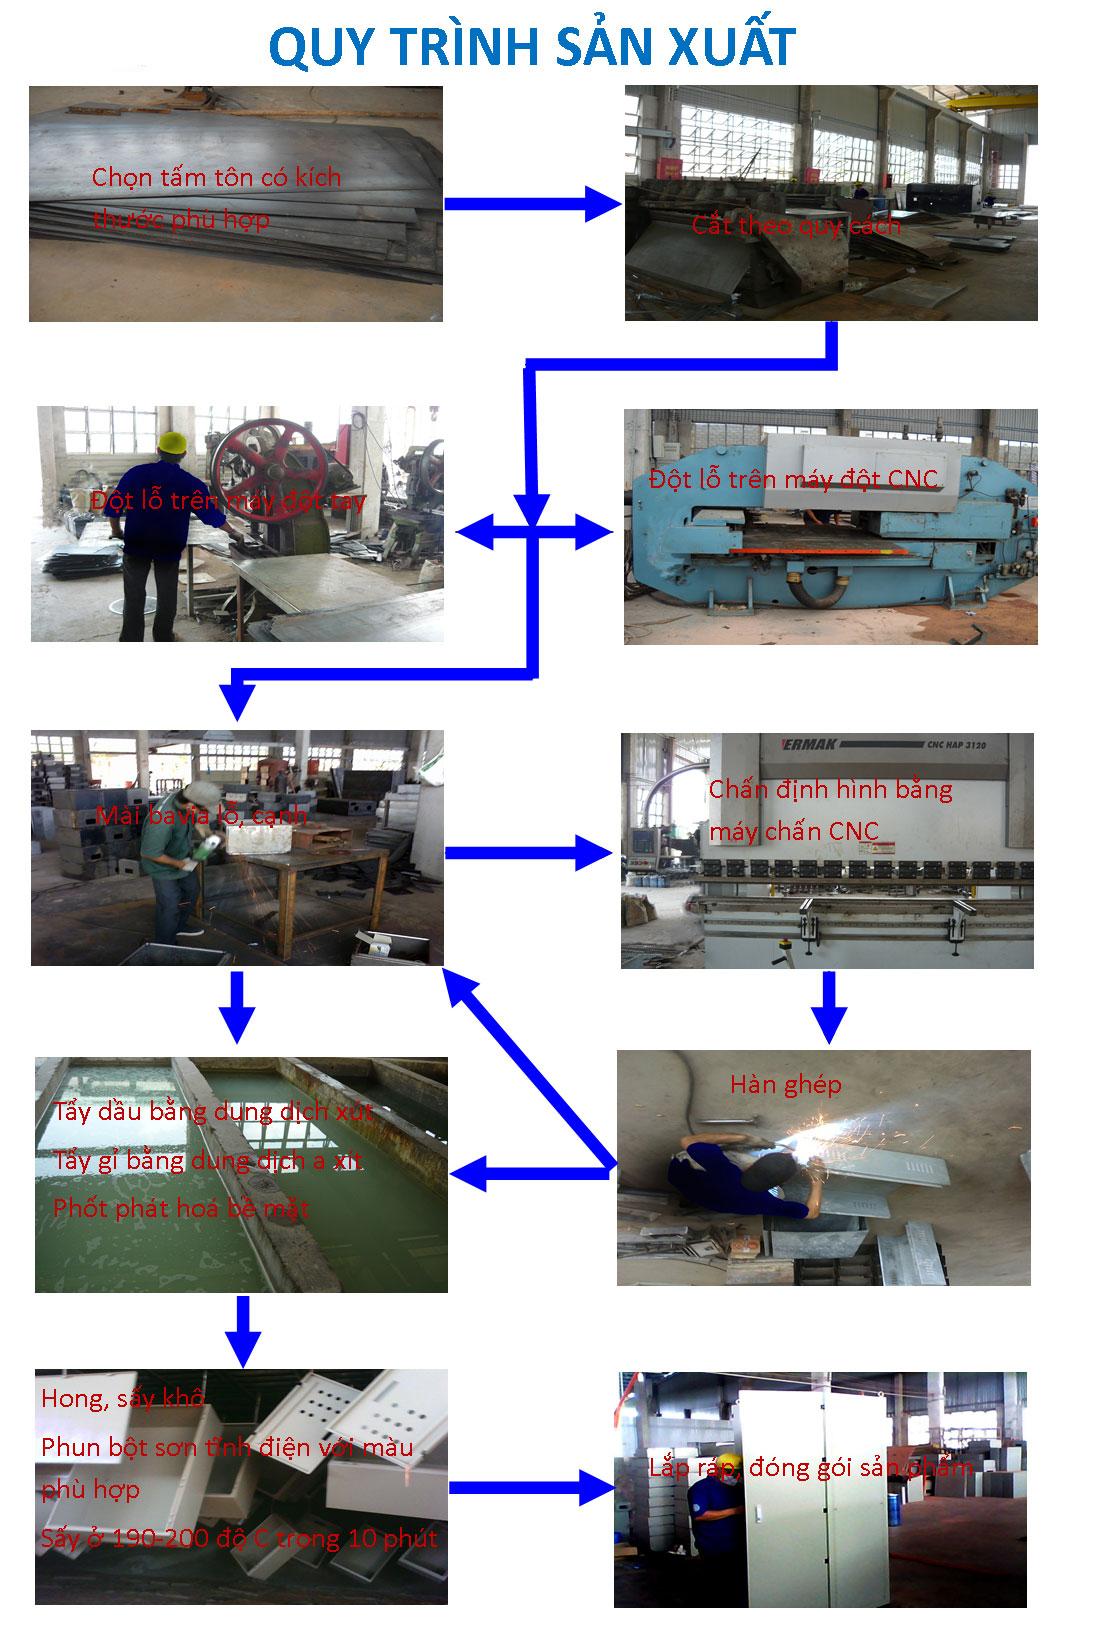 quy trình sản xuất máng cáp